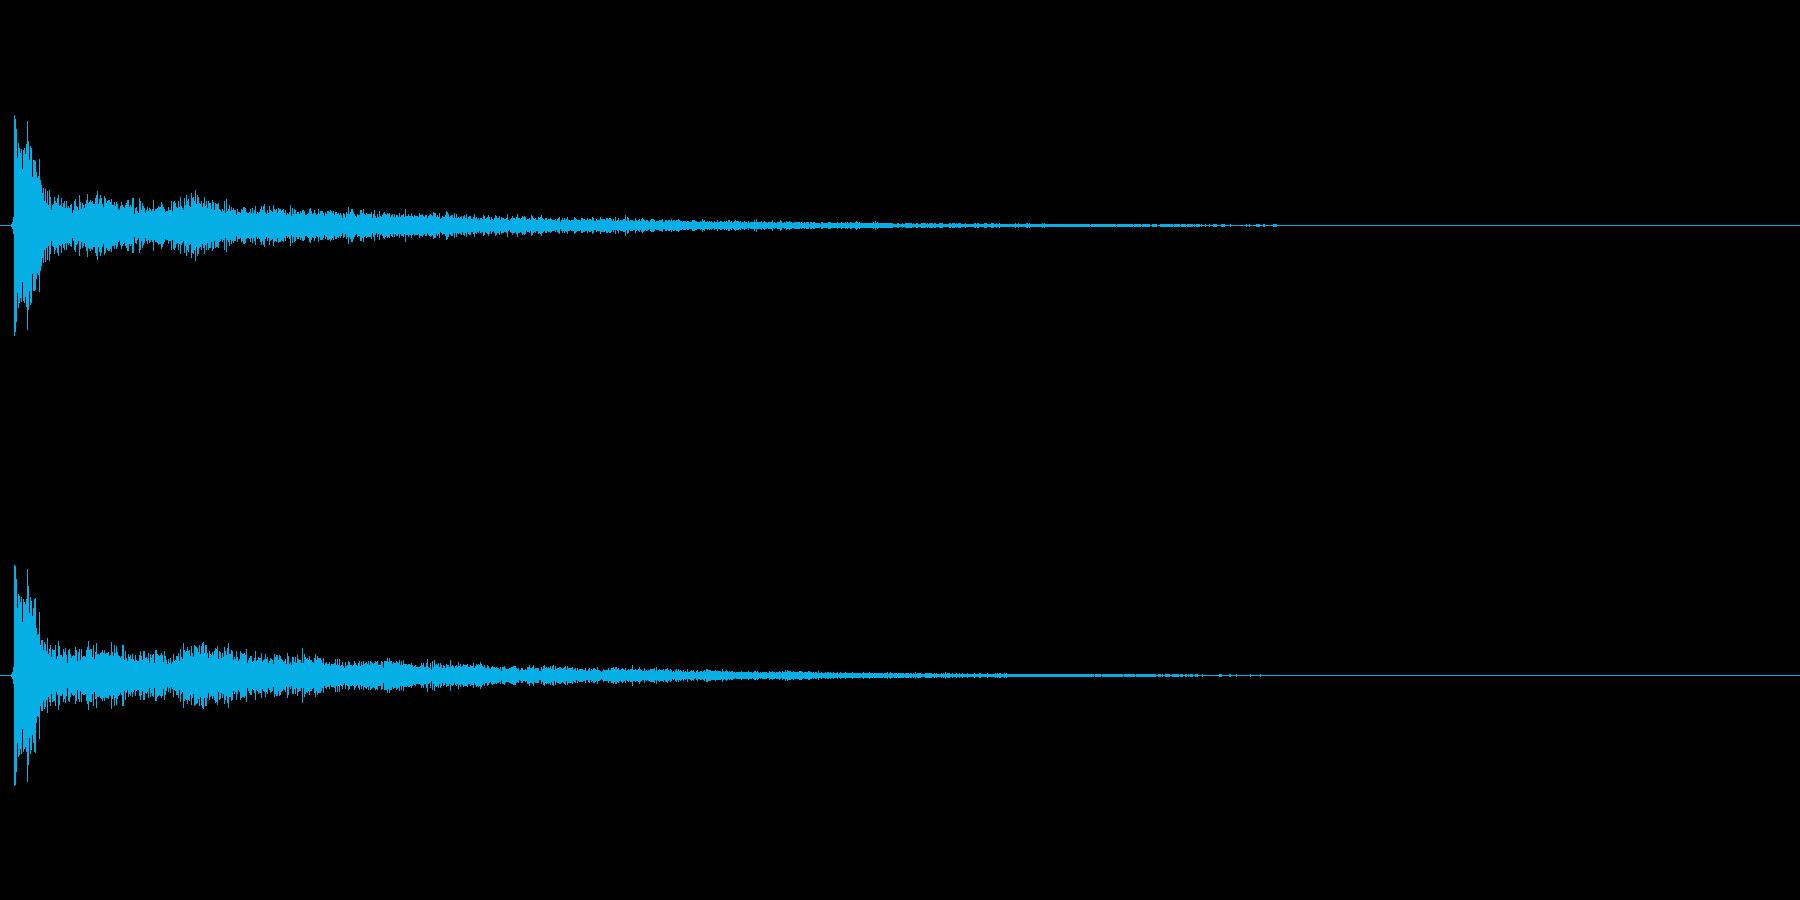 ショックな出来事のときに鳴るイメージの再生済みの波形